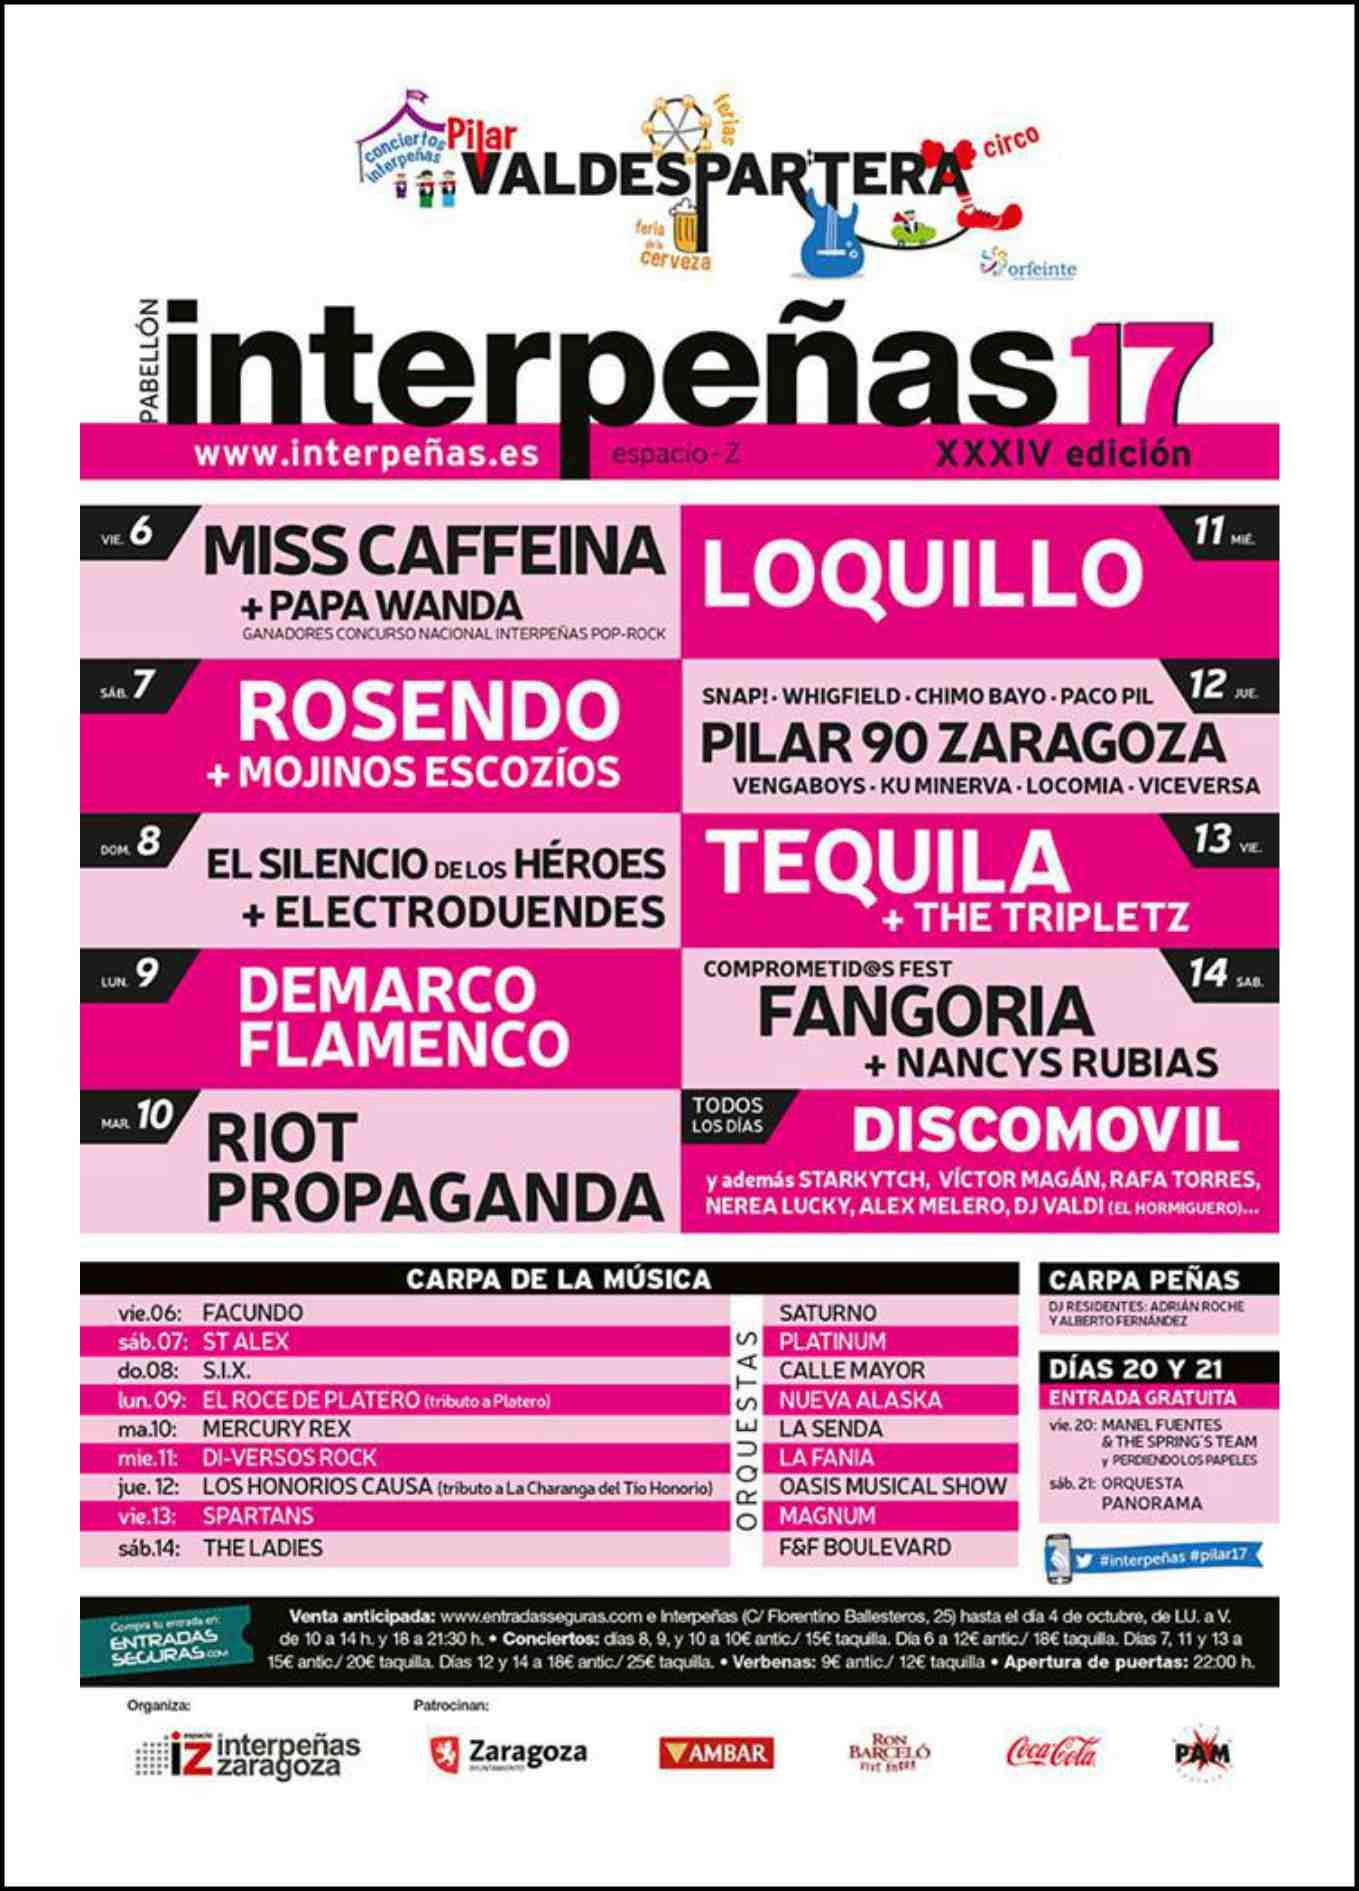 Conciertos de las Fiestas de Pilar 2017